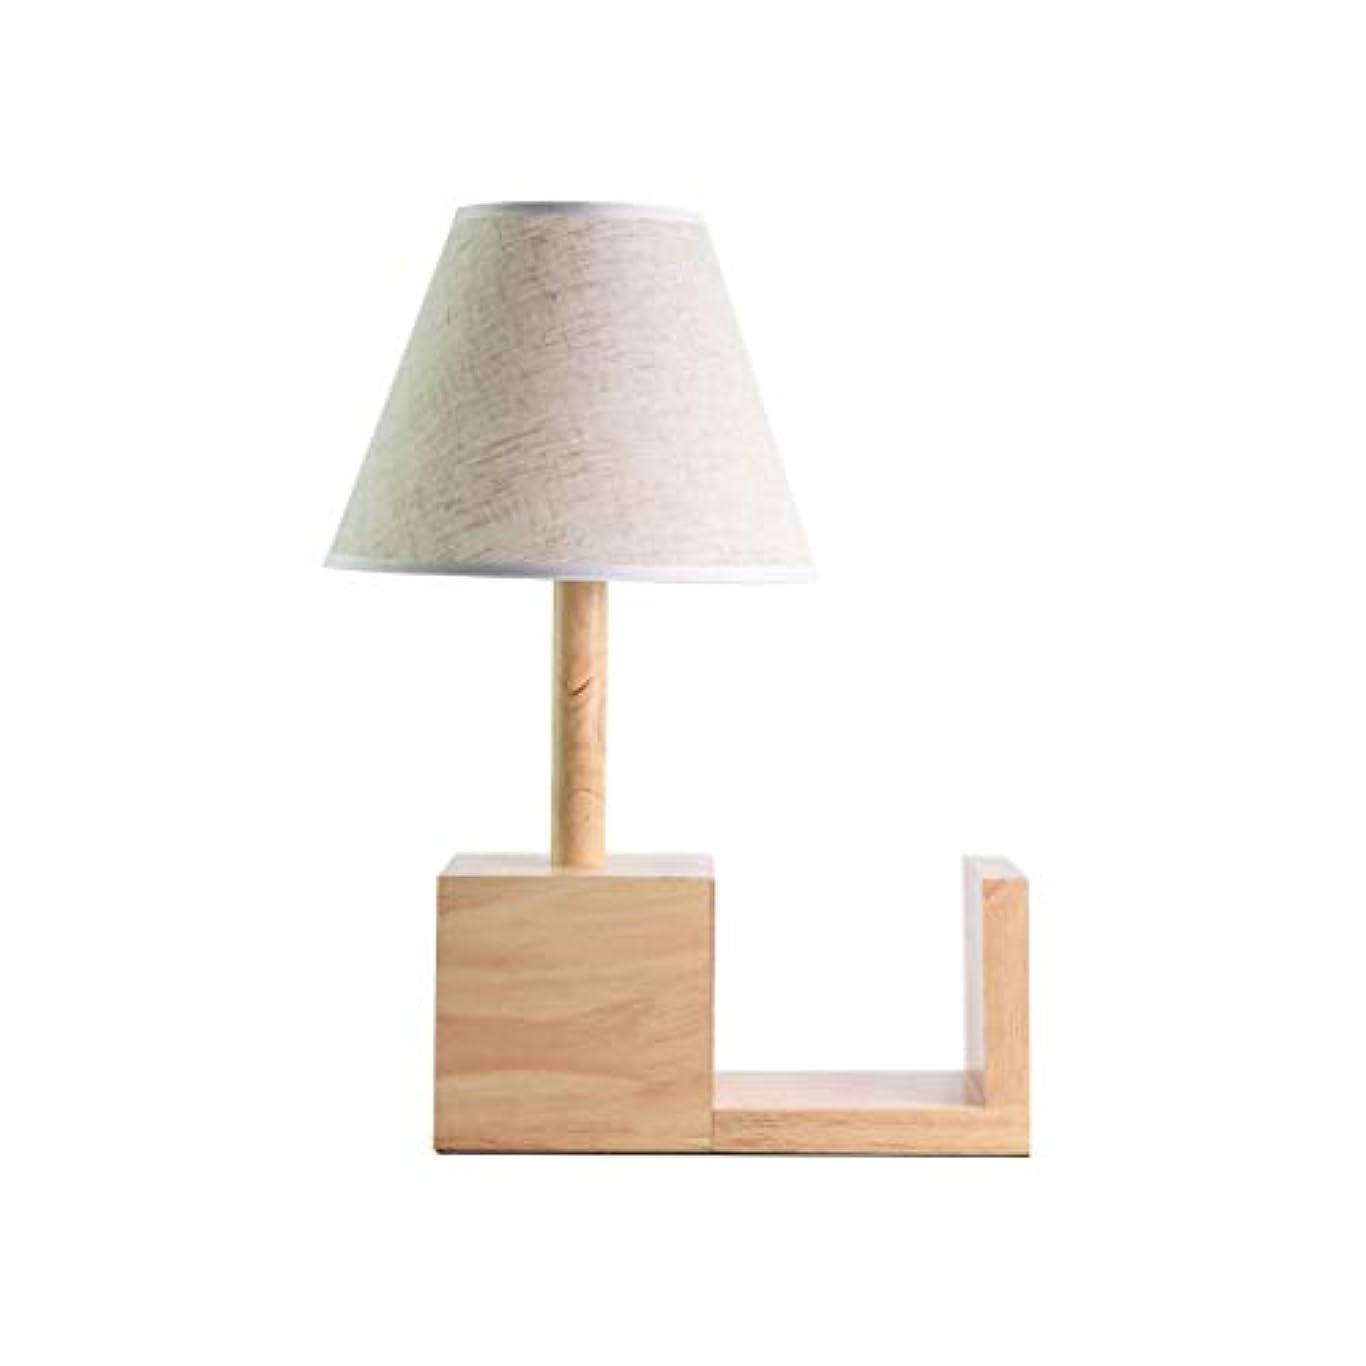 分泌するリフレッシュクレーター明るい 純木の電気スタンドテーブルランプの寝室のベッドサイドランプシンプルなクリエイティブロマンチックな電気スタンド 照明システム (Color : White)